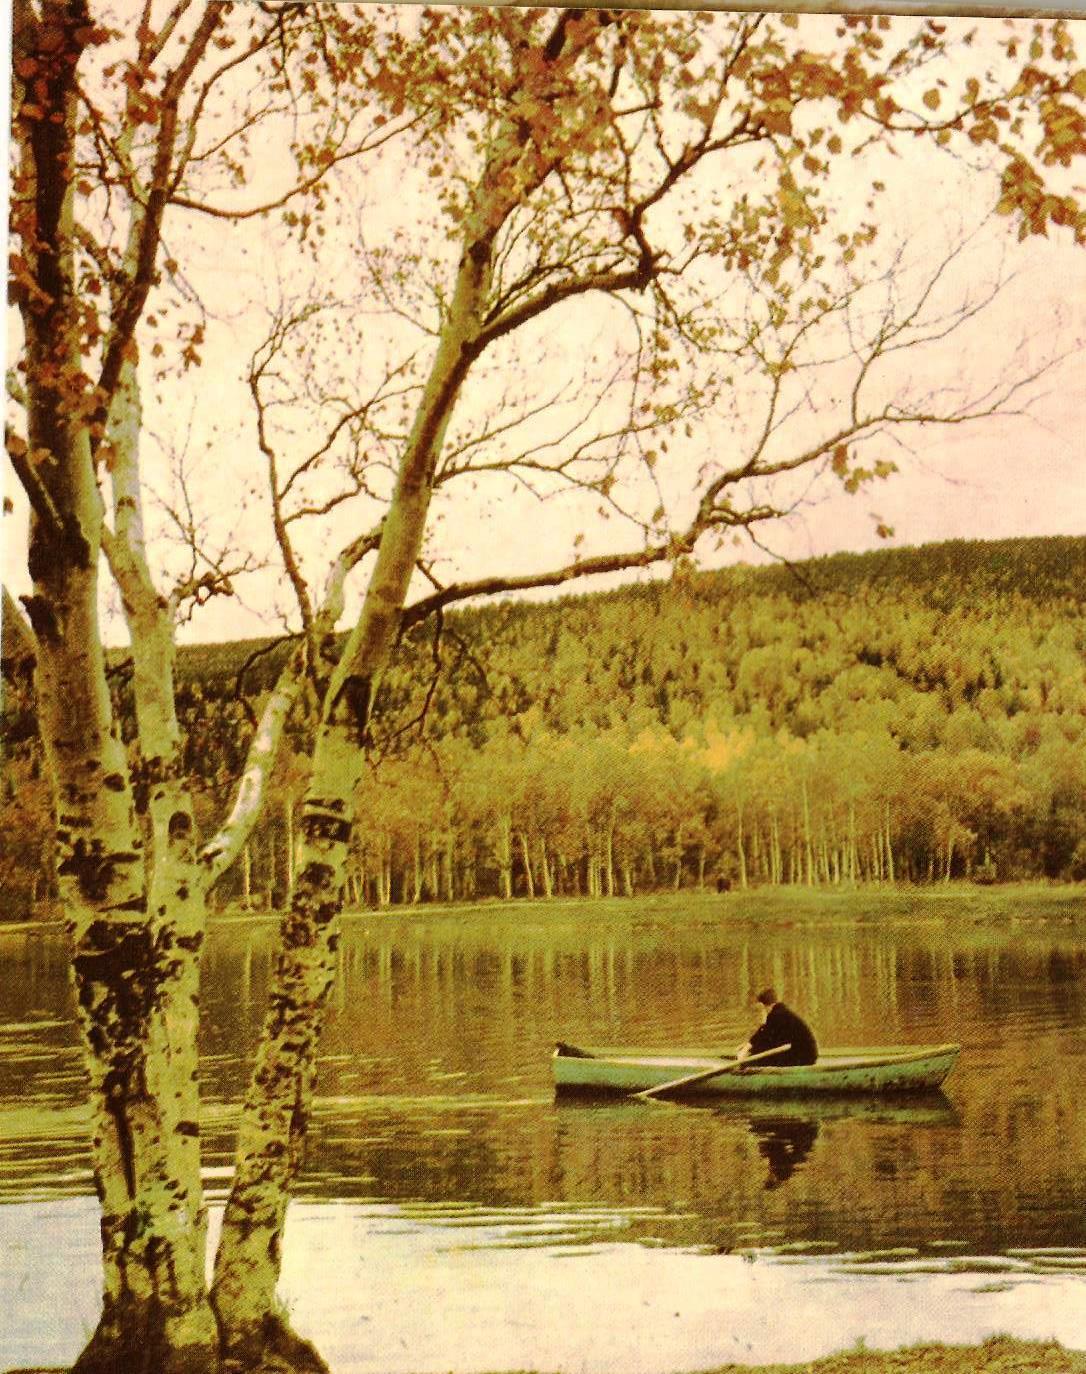 Озеро Верхнее в городском парке в Южно-Сахалинске